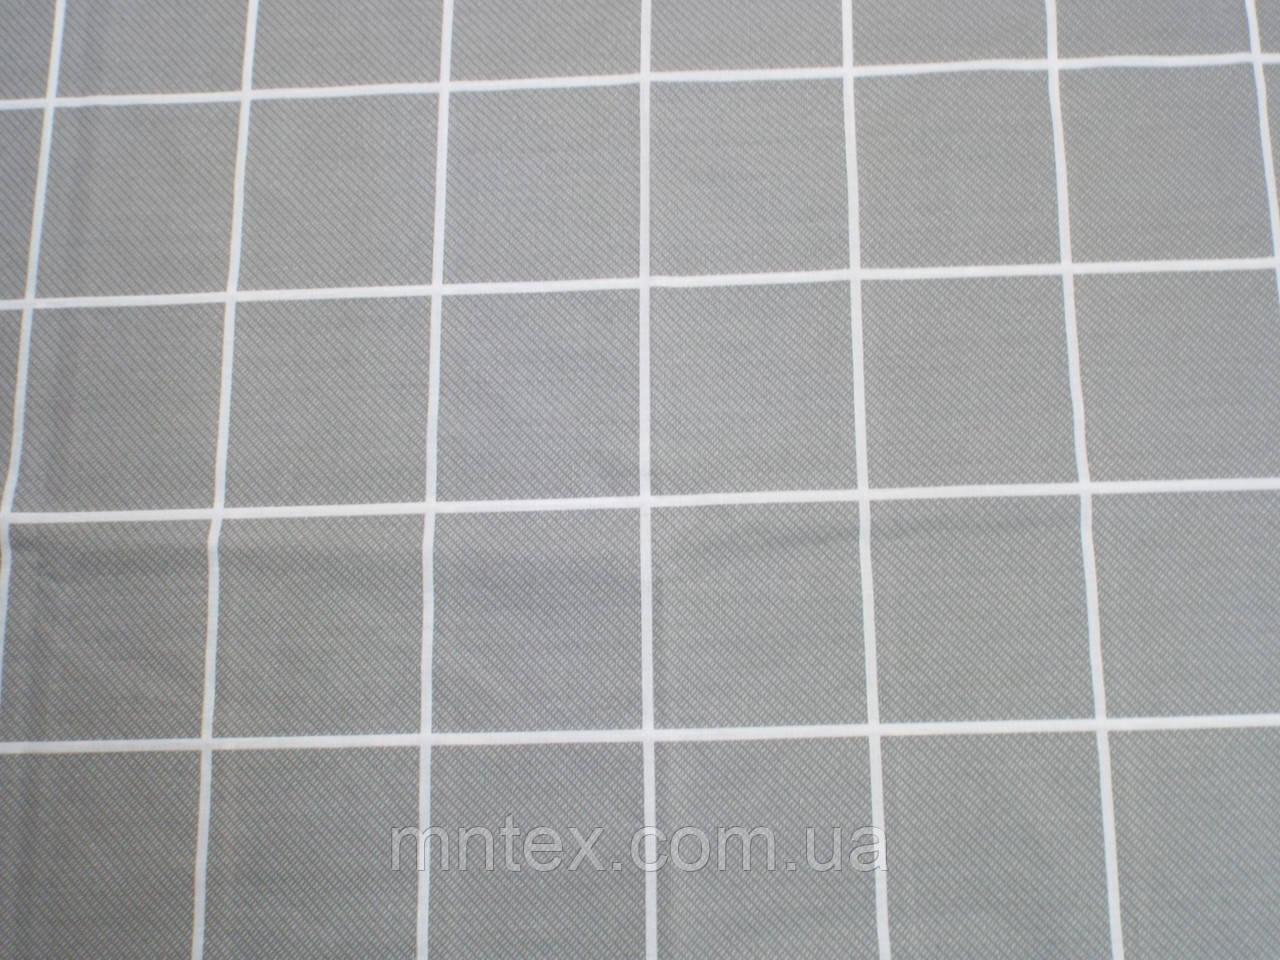 Ткань для пошива постельного белья бязь голд Узник